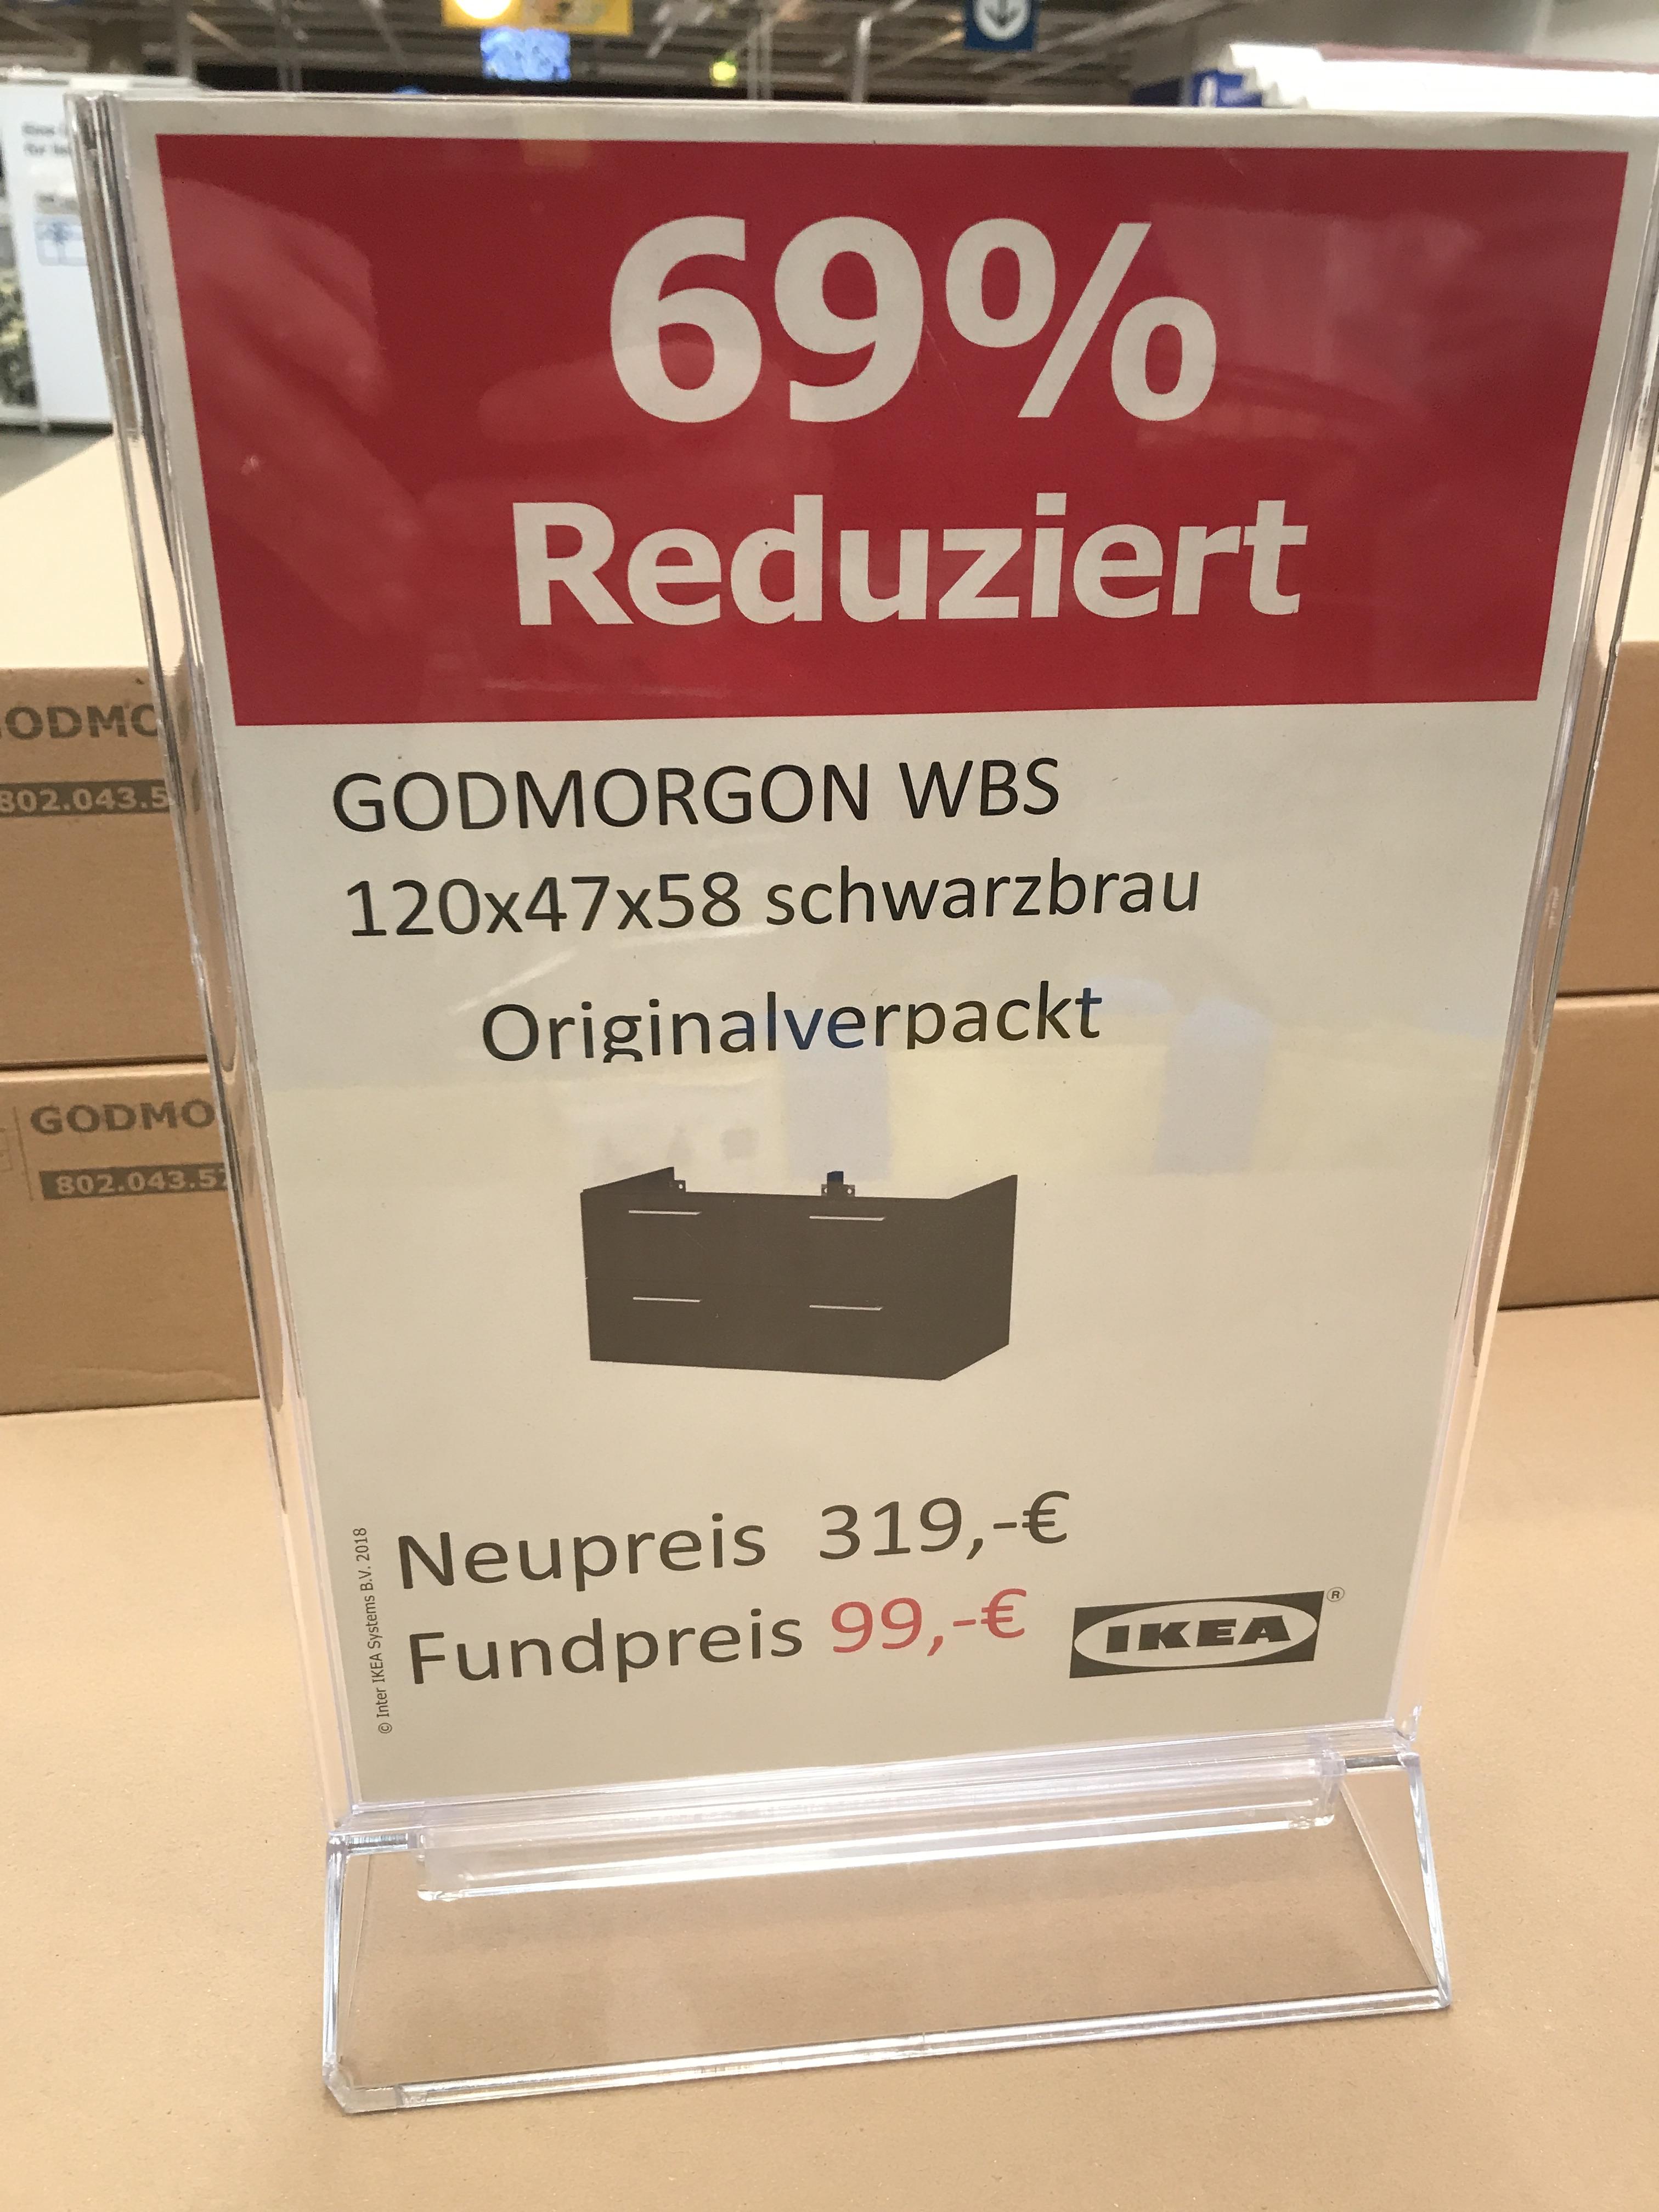 [Lokal München] IKEA Godmorgon WBS 120cm NEU